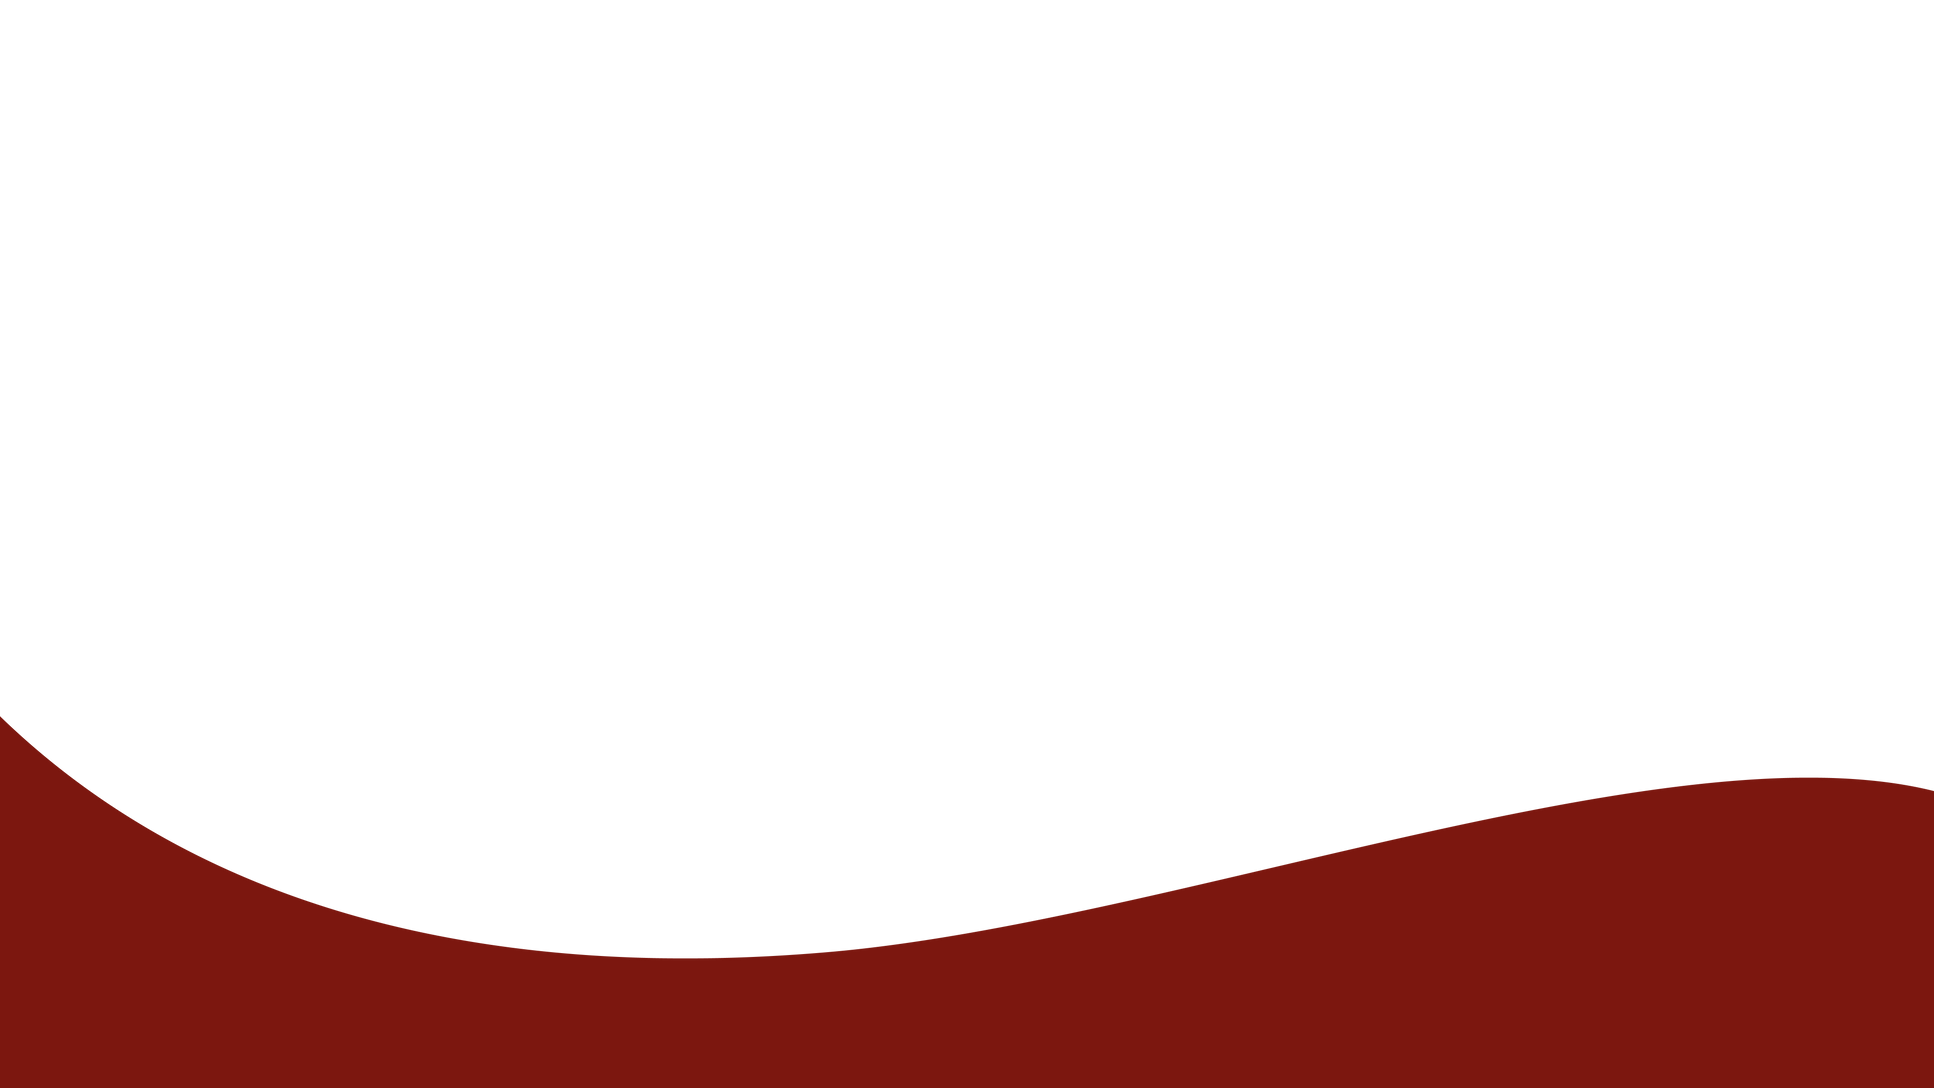 Schwung_Rot_1_Zeichenfläche_1.png